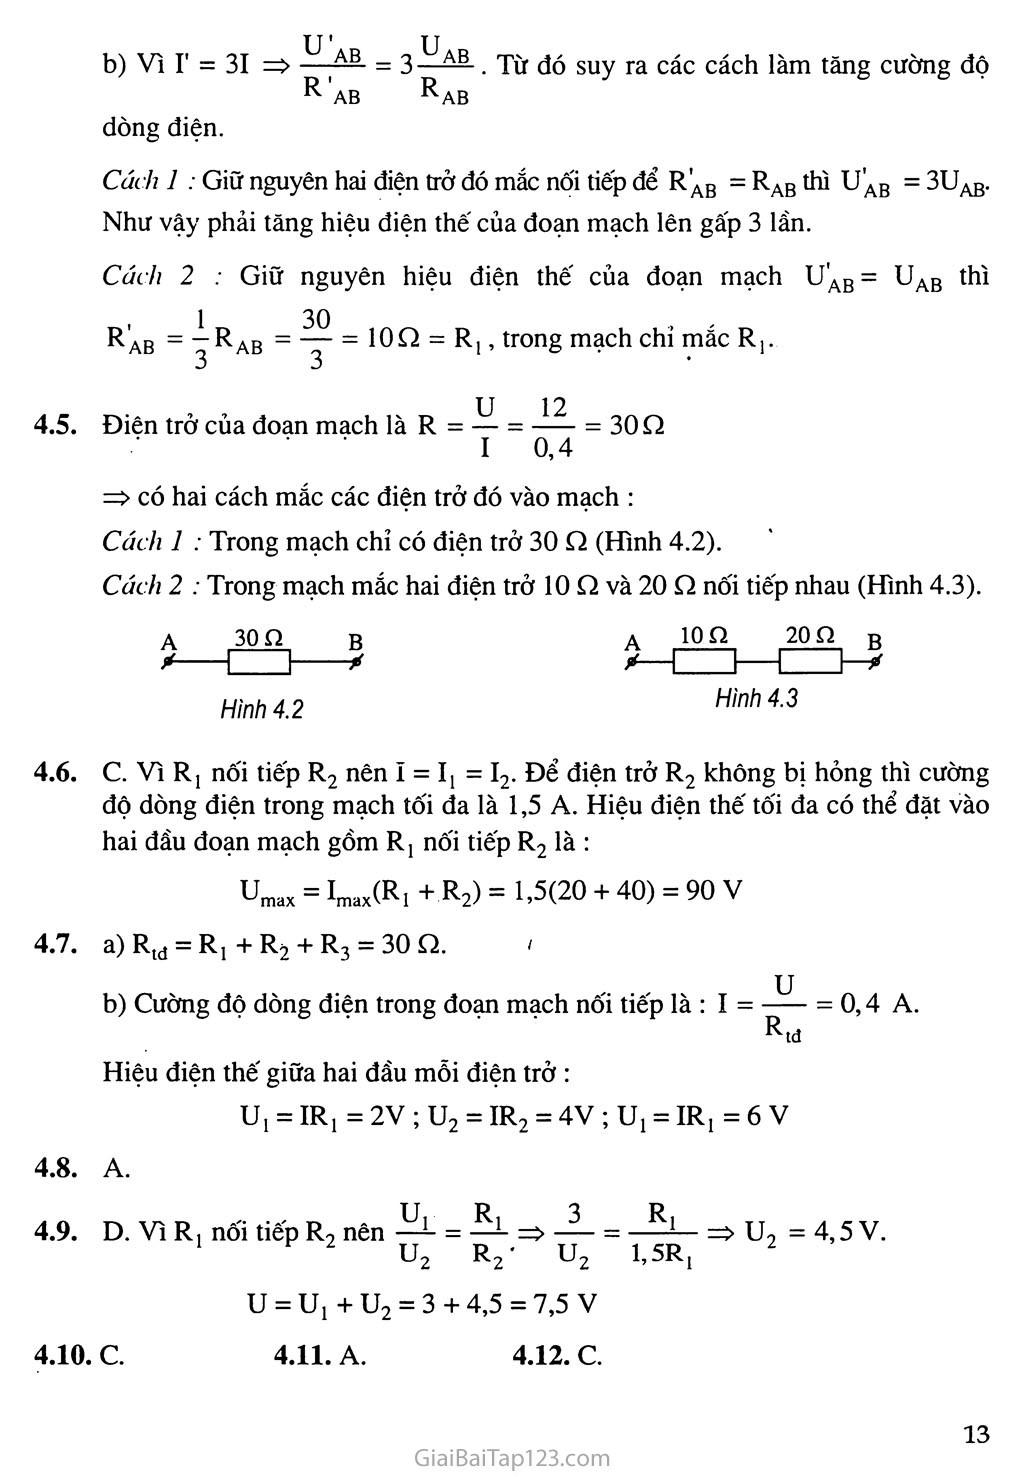 Bài 4: Đoạn mạch nối tiếp trang 3